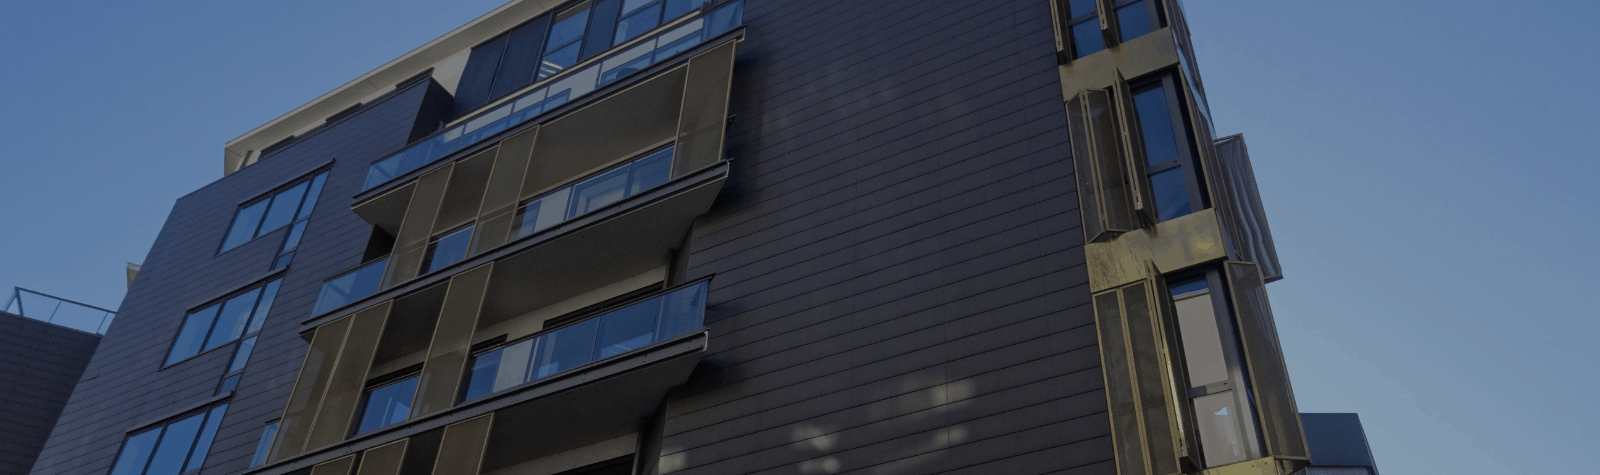 Real I.S. acquiert Hélio 7 à Lyon, un immeuble de plus de 6 000 m² de bureaux